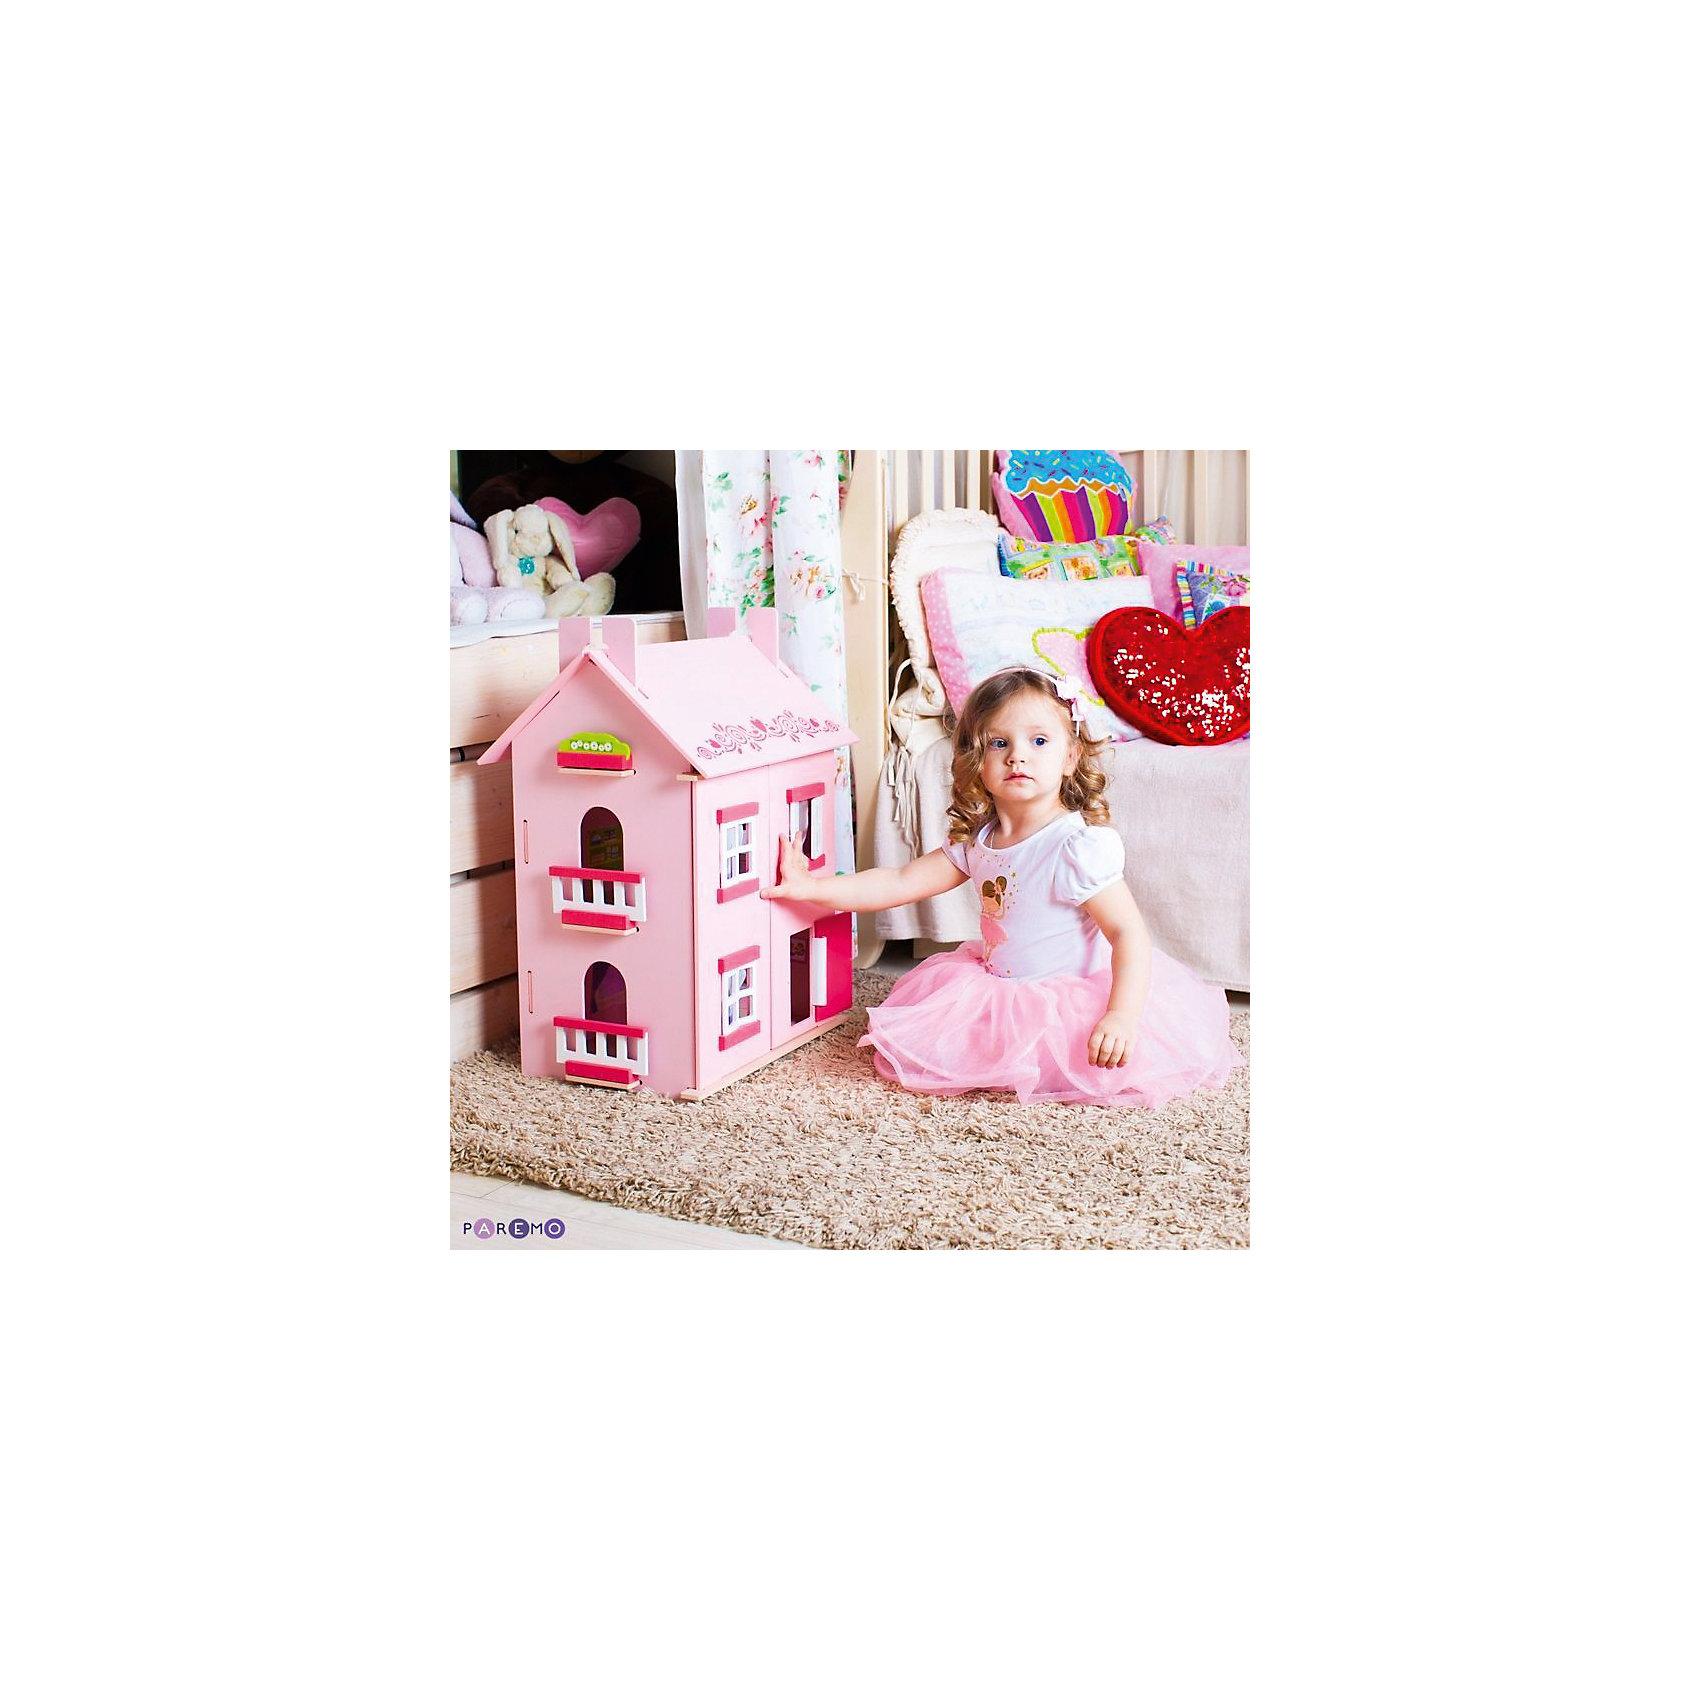 Кукольный домик Милана с мебелью 15 предметов, PAREMOДомики и мебель<br>Кукольный домик Милана, с мебелью 15 предметов, PAREMO (Паремо).<br><br>Характеристики:<br><br>•Материал: дерево, текстиль. Сделан из натуральных материалов- 100% дерево, ни одного пластикового элемента в каркасе и мебели.<br>•Домик имеет полностью закрытую конструкцию: для доступа к внутреннему игровому пространству нужно открыть лицевые створки фасада и перекидные створки крыши.<br>•3 этажа.<br>•Окна, ставни и дверь свободно открываются и закрываются.<br>•Цвет: розовый.<br>•Подходит для мини- кукол высотой до 15 см.<br>•Конструкция продается в разобранном виде. Инструкция по сборке входит в комплект.<br>•Размер игрушки в собранном виде - 45х35х65 см.<br>•Размер упаковки - 67х44х12 см.<br>•Вес 10 кг. <br><br>В комплекте:<br><br>• 15 предметов мебели: раковина, унитаз (крышка поднимается), 2-спальная кровать, тумба, торшер; обеденный стол, 2 стула, кухонный стеллаж, плита; диван, тумбочка, часы, тумба под телевизор, плоский телевизор.<br>• 23 декоративные наклейки для украшения интерьера и фасадов (снаружи - 2 наклейки с цветами для боковых цветников снаружи домика, орнамент на дверь; внутри первого этажа – окно, 4 фото-рамки, 2 бра; второго этажа – кухонный коврик, буфет и полка, салфетка на стол и 2 наклейки на плиту, третьего этажа - 3 картины, 2 мансардных окна, циферблат часов, экран телевизора).<br><br>ВНИМАНИЕ! Куклы, кукольная одежда и транспорт, а также текстиль приобретается отдельно!<br><br>Кукольный домик Милана, с мебелью 15 предметов, PAREMO (Паремо). Домик выполнен в современном стиле. Очаровательный дом предназначен для сюжетно-ролевых игр («Семья», «Дочки- матери» и т. п.) Яркая мебель, сочные цвета интерьерных наклеек и текстиля (не входит в базовую комплектацию) наполняют домик озорством и задором. В доме 3 этажа, 4 просторных комнаты. На первом этаже располагаются ванная комната и спальня. На втором этаже – кухня - столовая. На третьем – уютная гостиная. <br><br>Кукольный дом